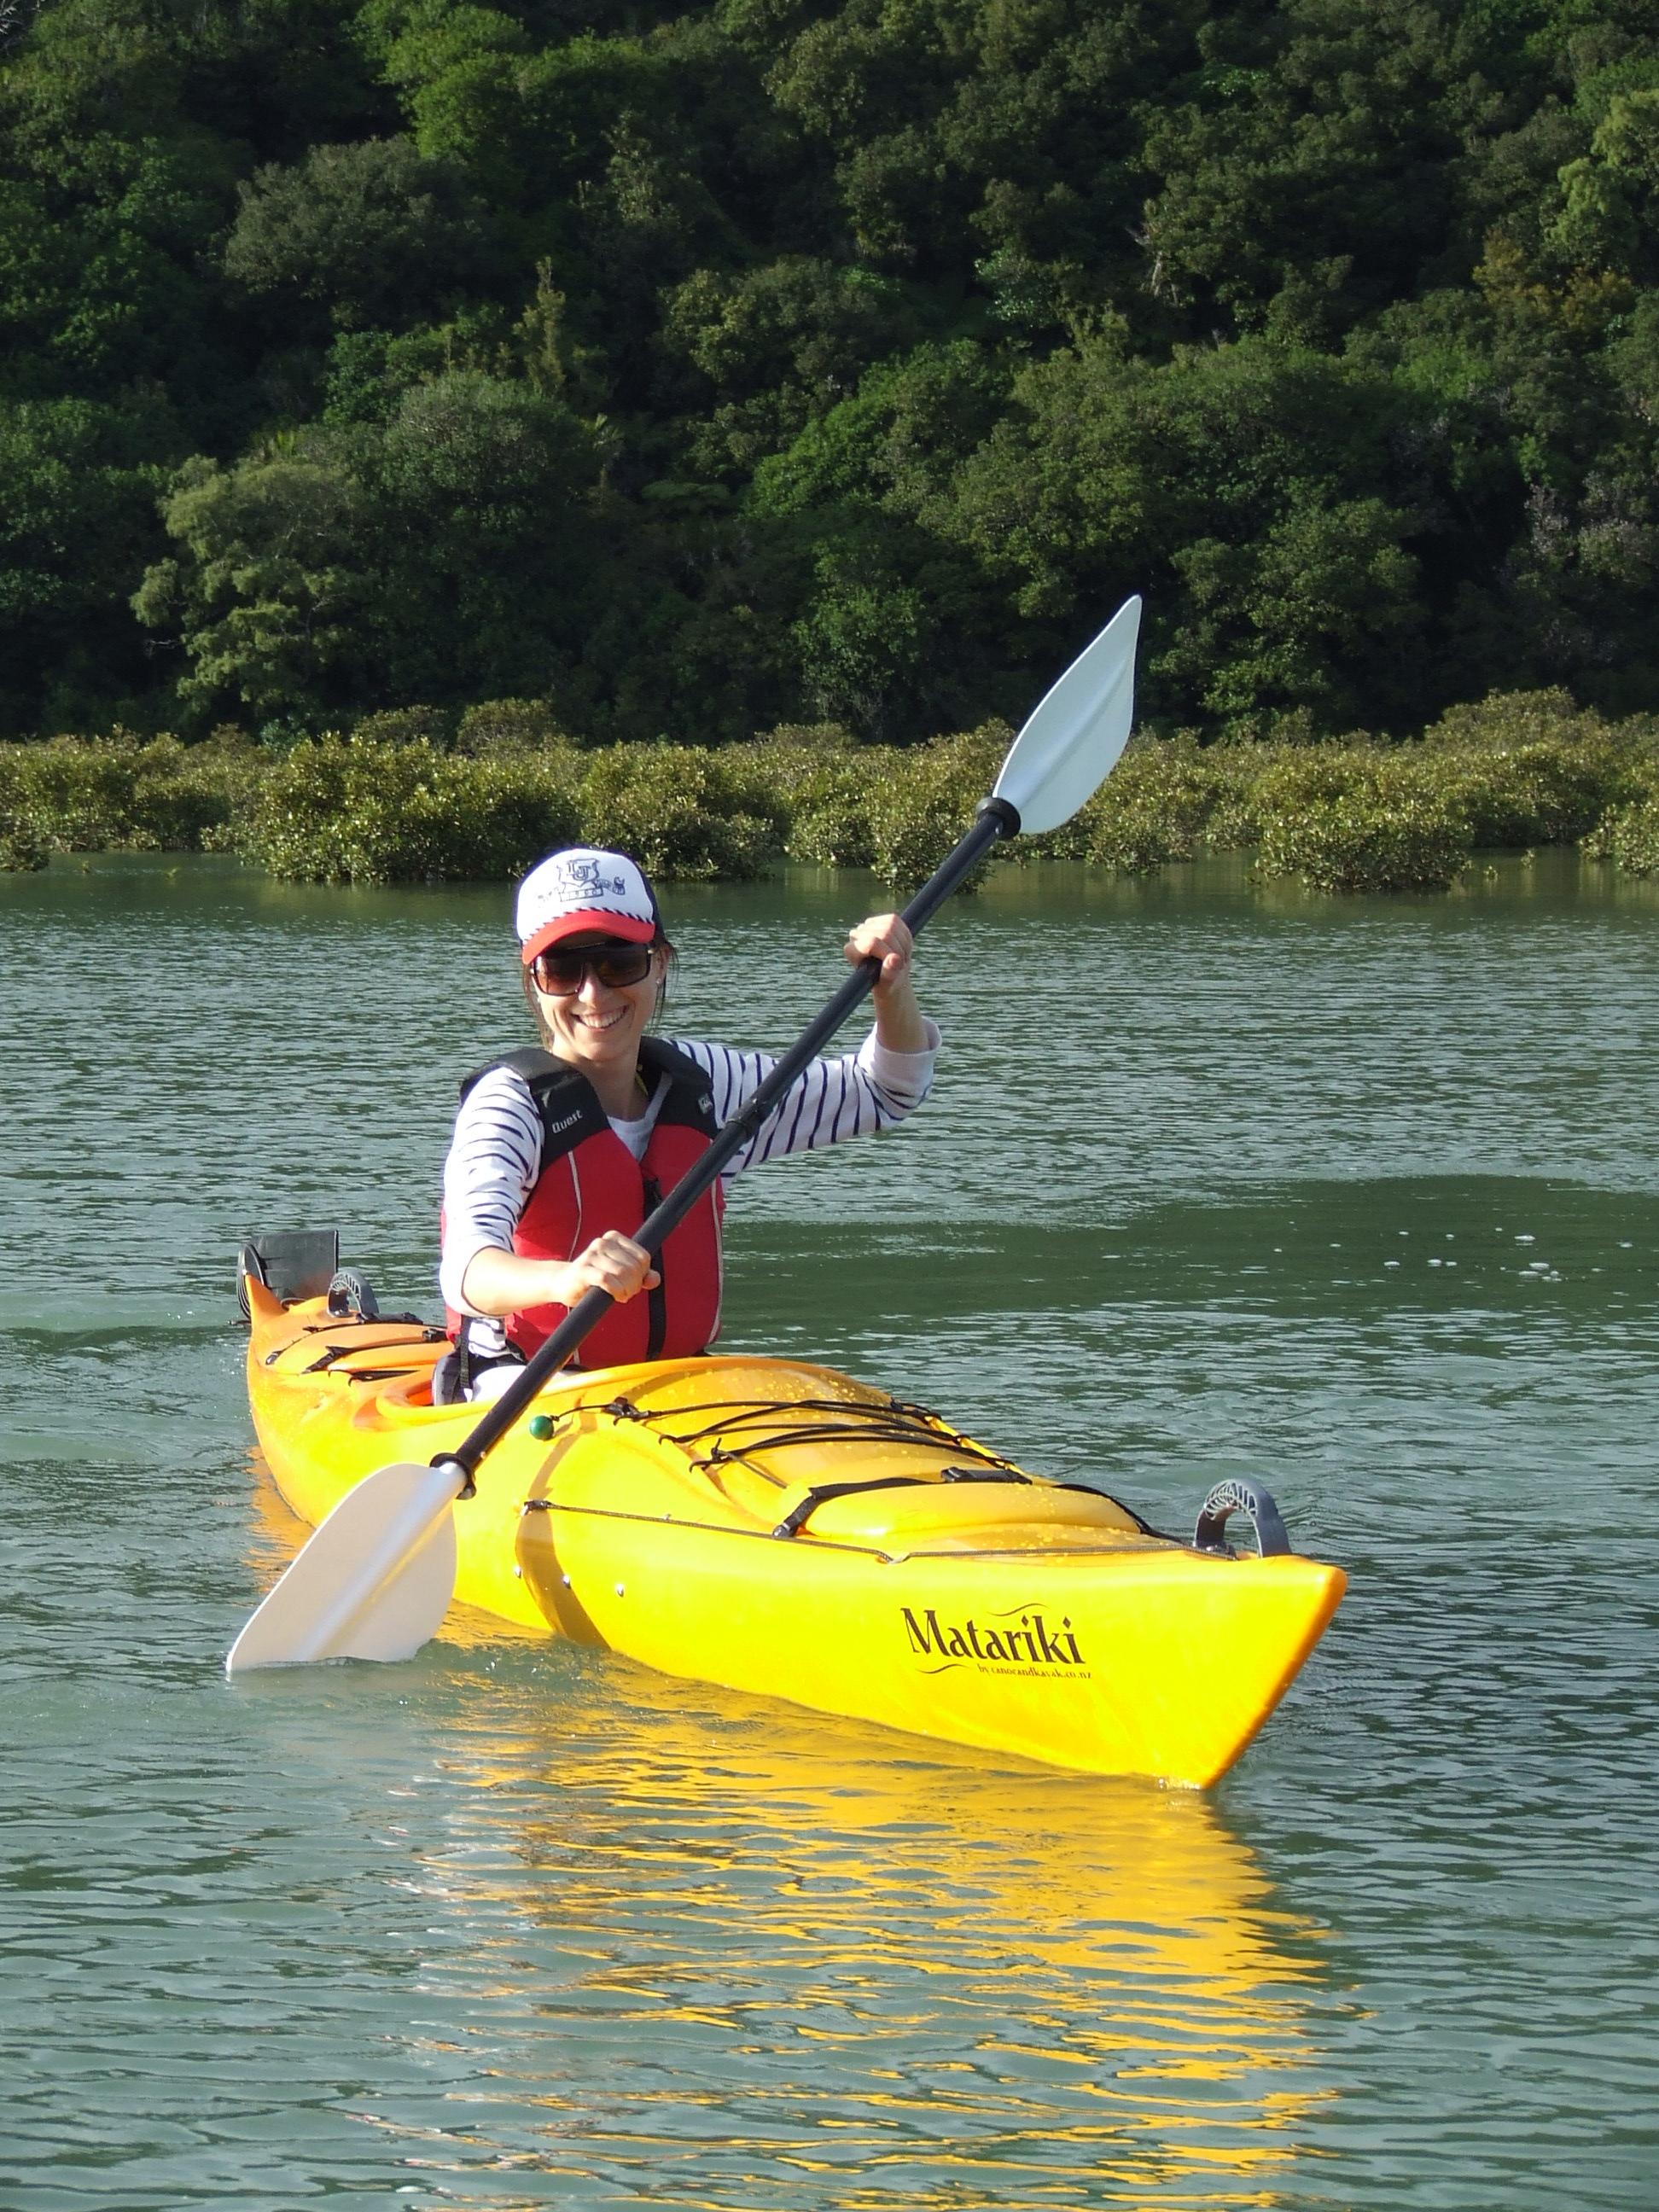 Classifica kayak, recensioni, offerte, guida all' acquisto di Maggio 2019